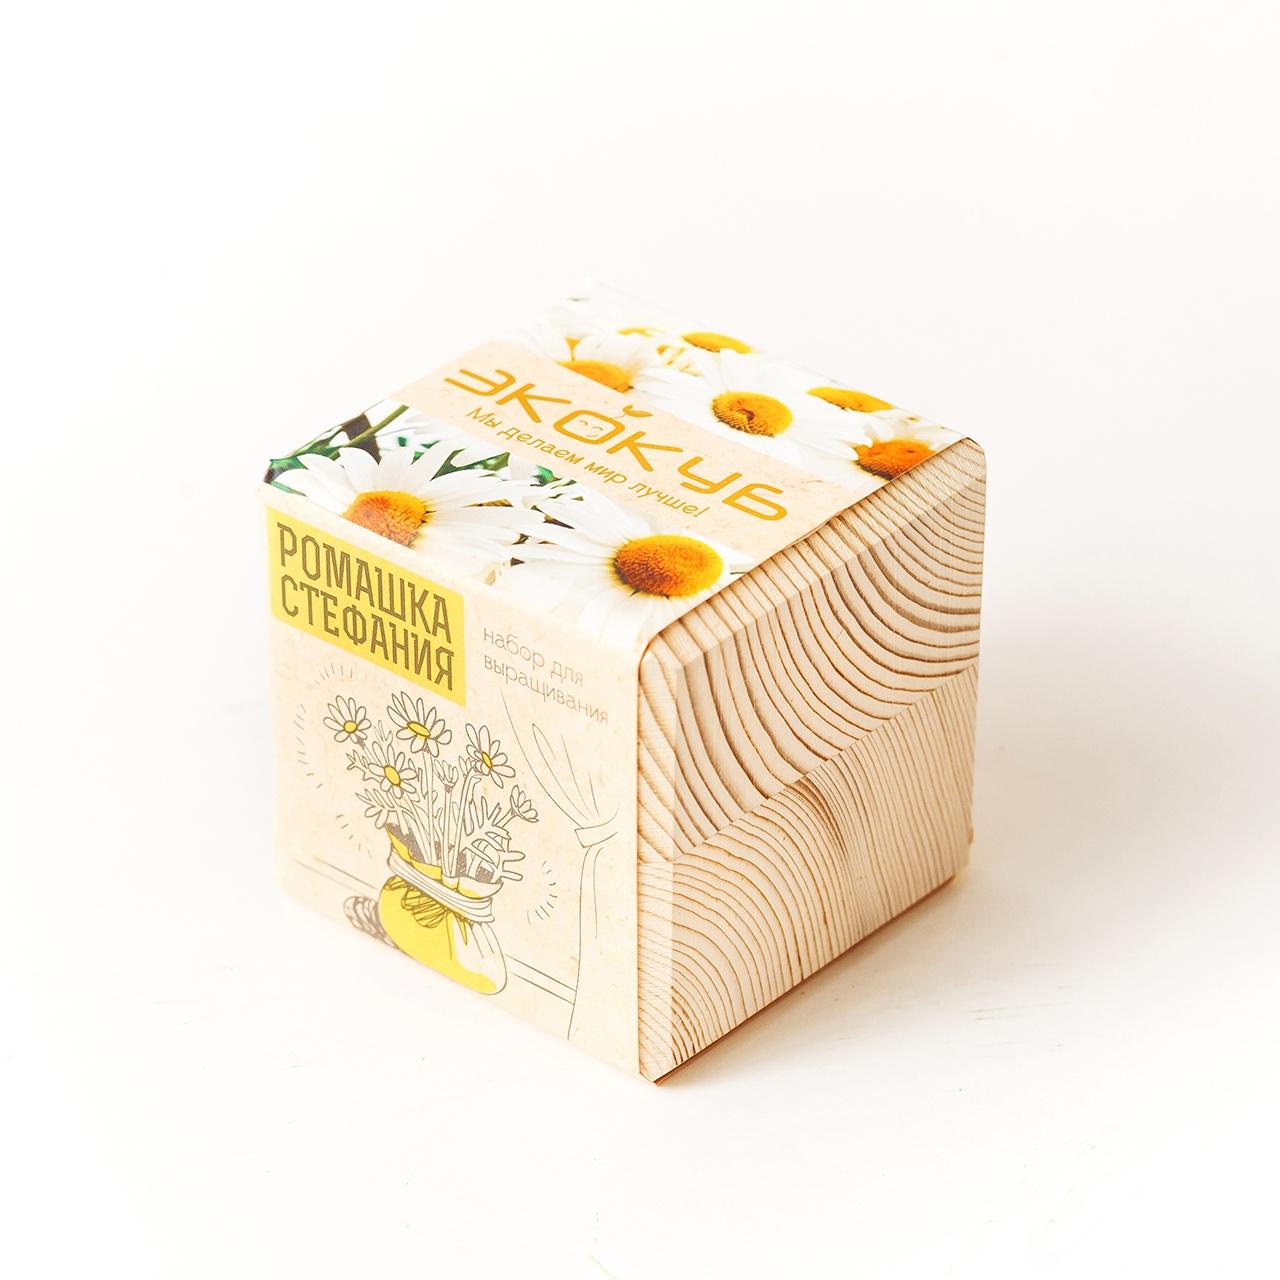 Набор для выращивания Экокуб Ромашка Стефания набор для опытов и экспериментов набор для выращивания экокуб базилик